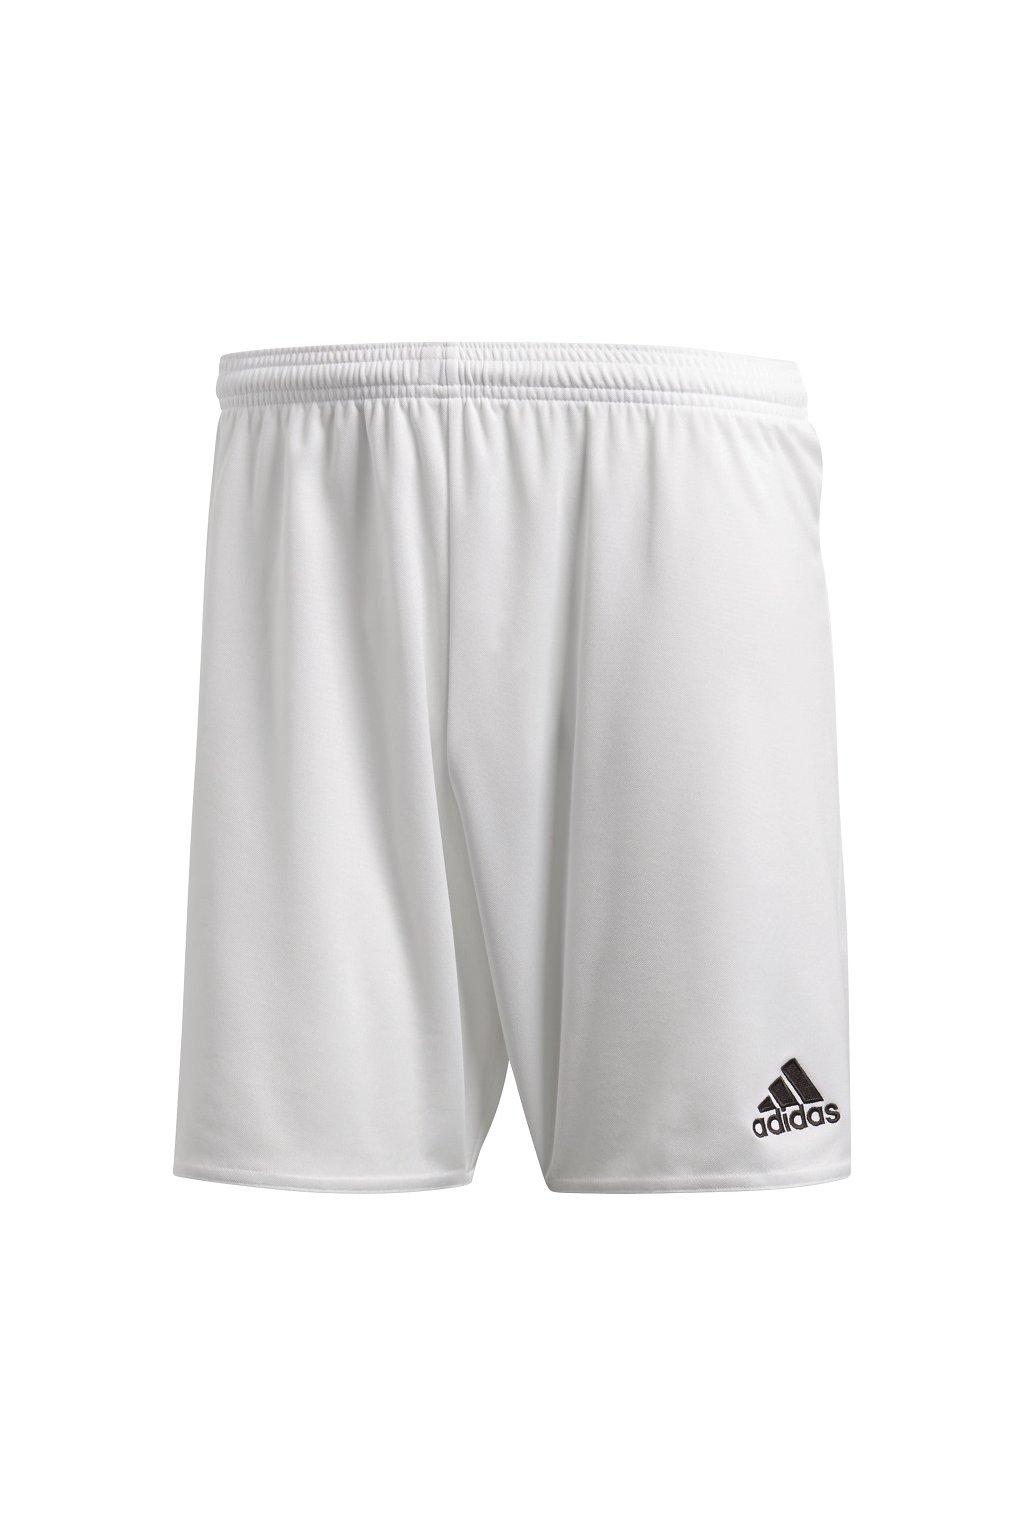 Pánske kraťasy Adidas Parma 16 biele AC5254